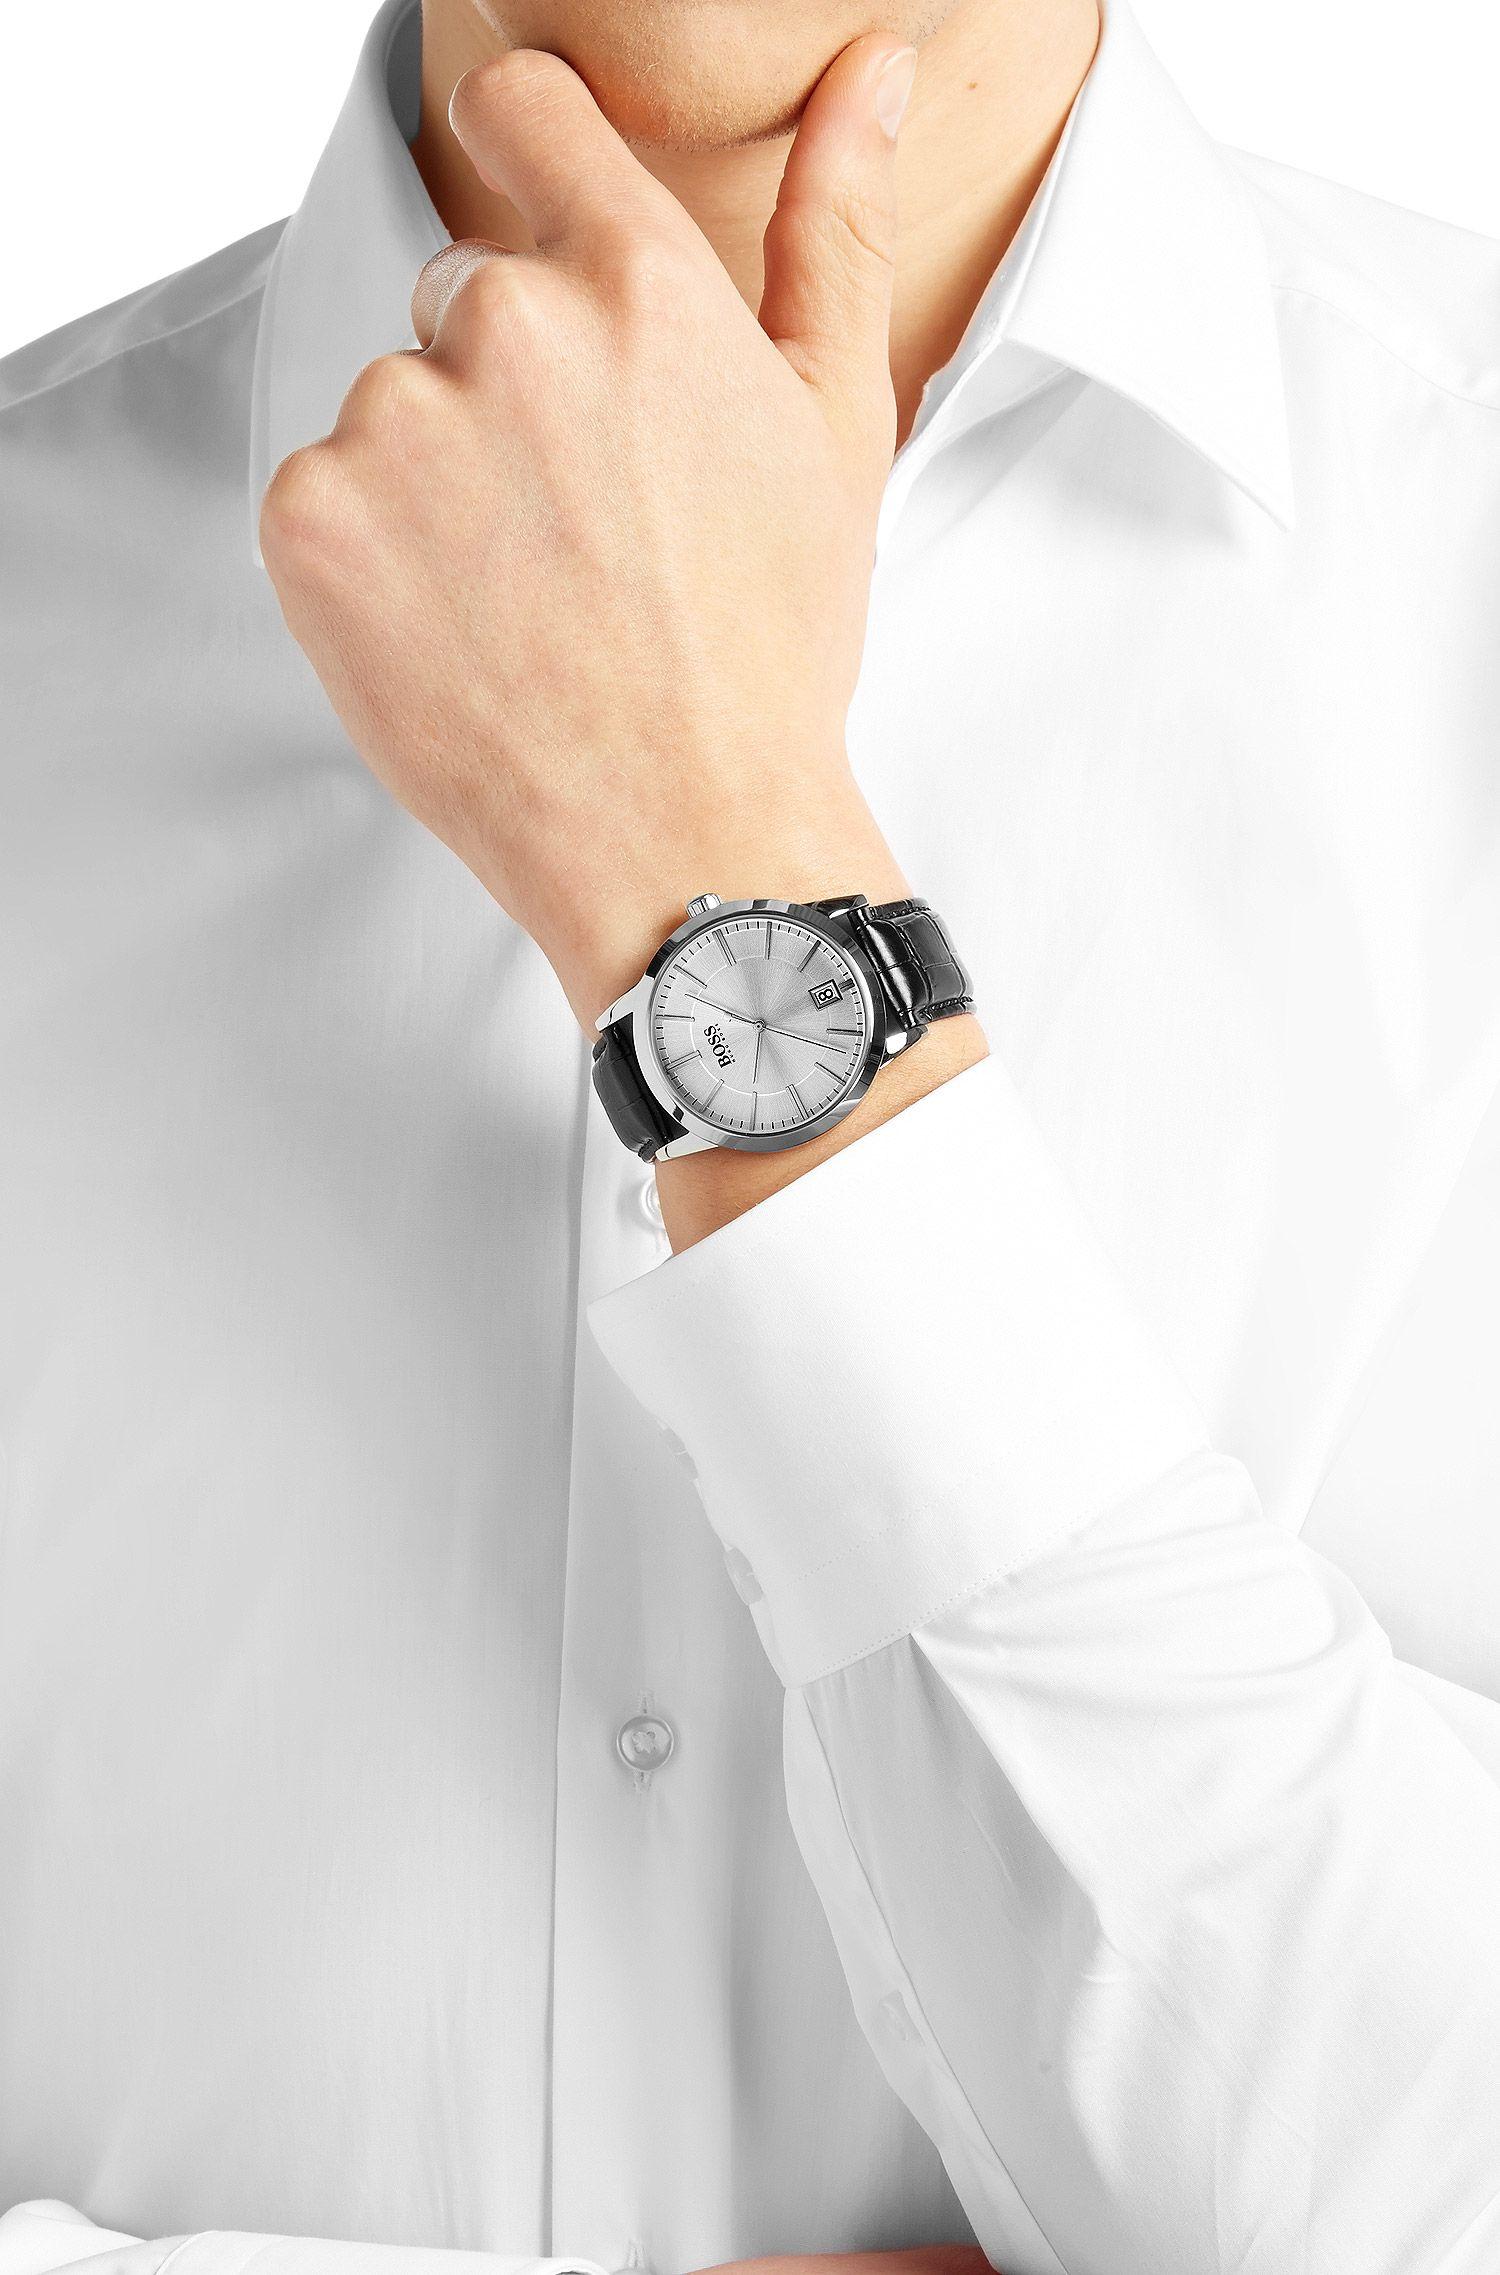 Montre-bracelet «HBSUCES» avec mouvement à quartz